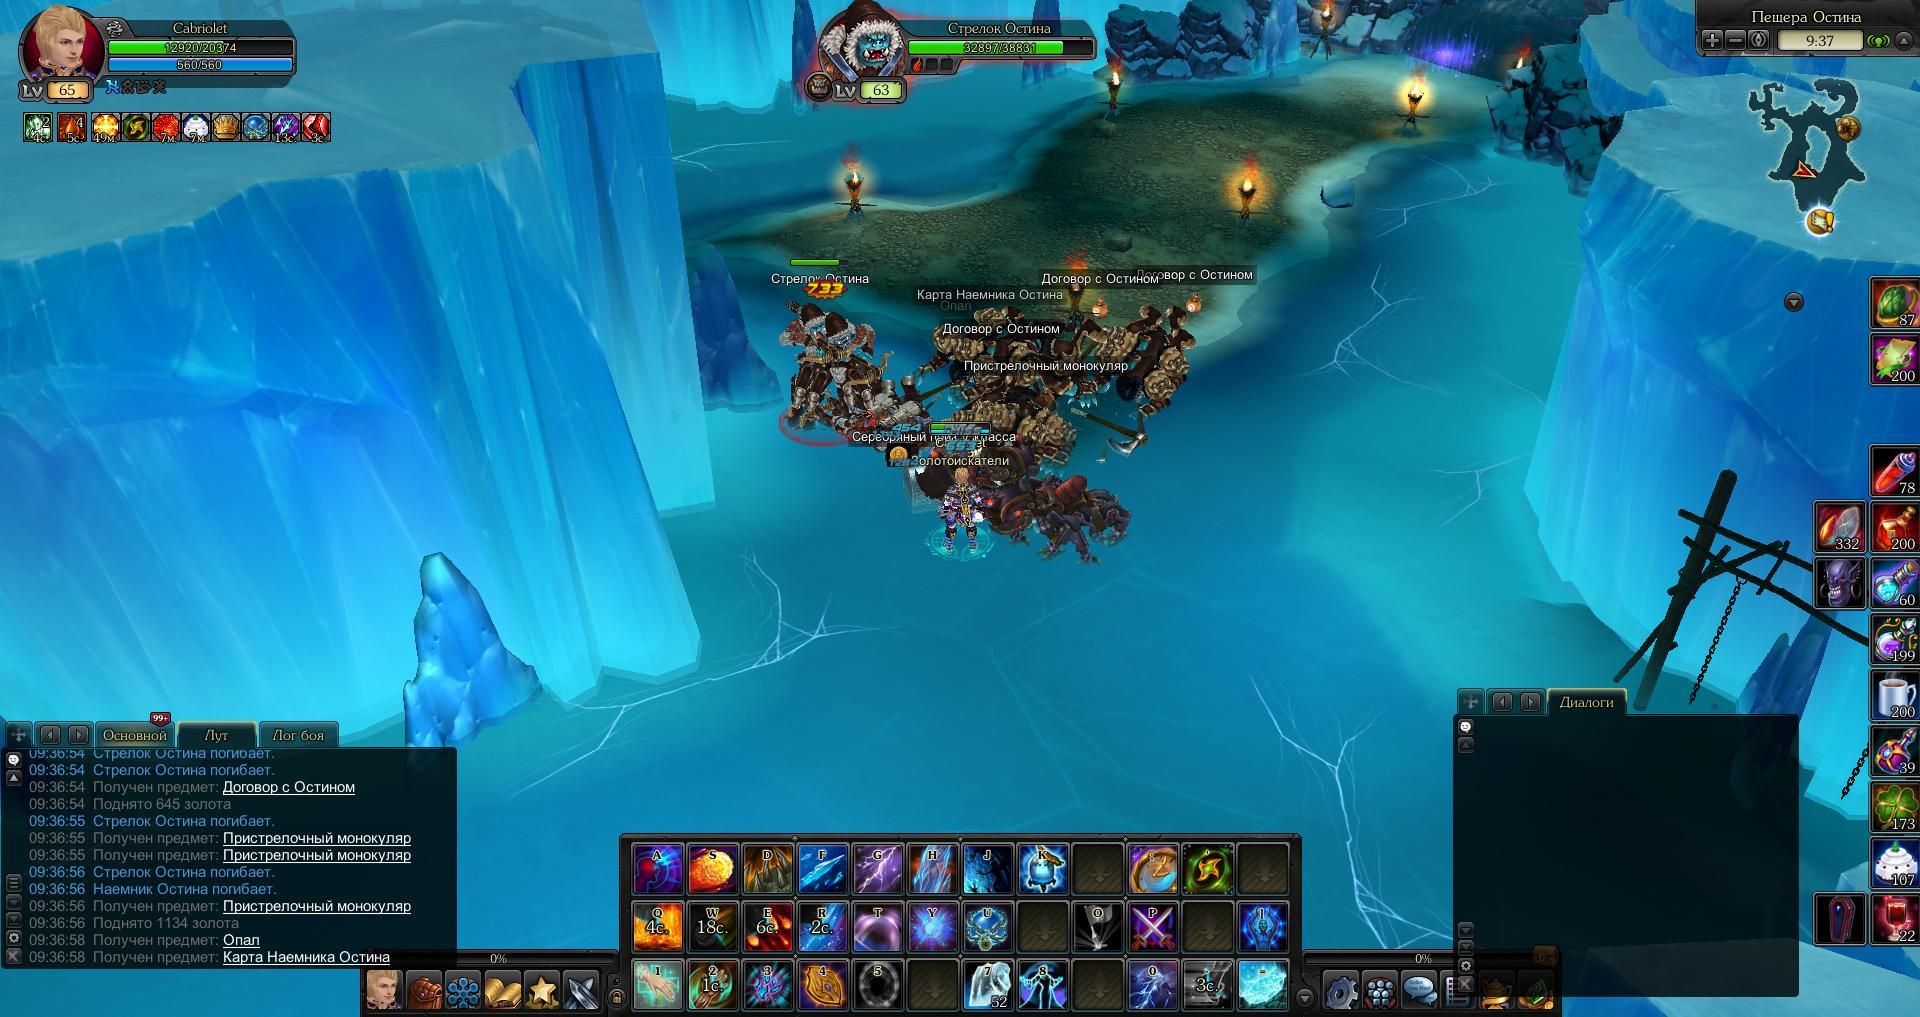 screen_200330_001.1585579377.jpg